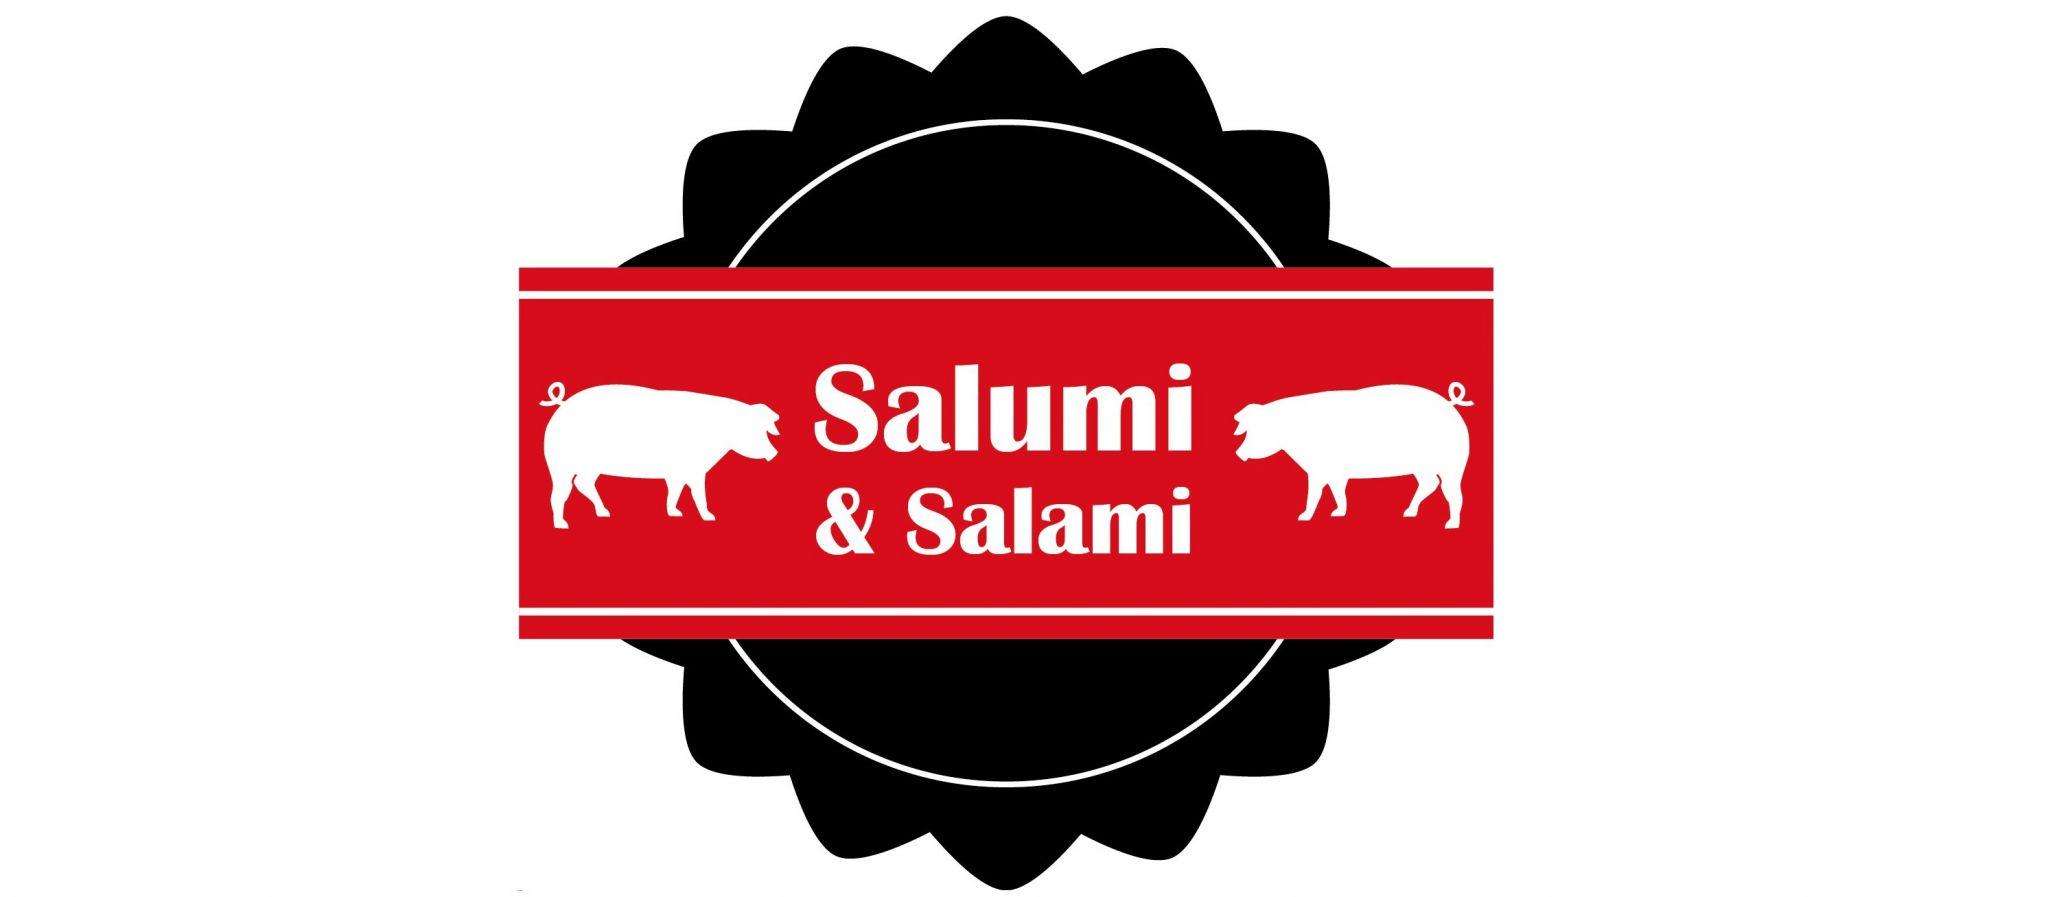 Salumi & Salami